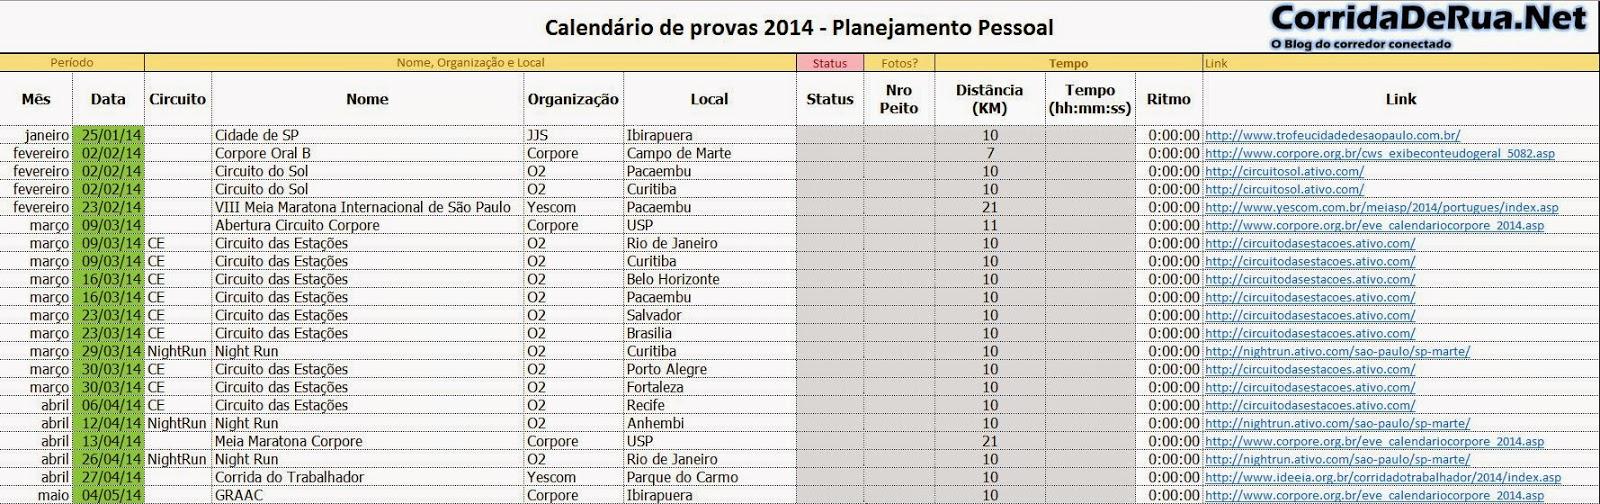 Calendário de provas 2014 - planejamento pessoal de corridas de rua